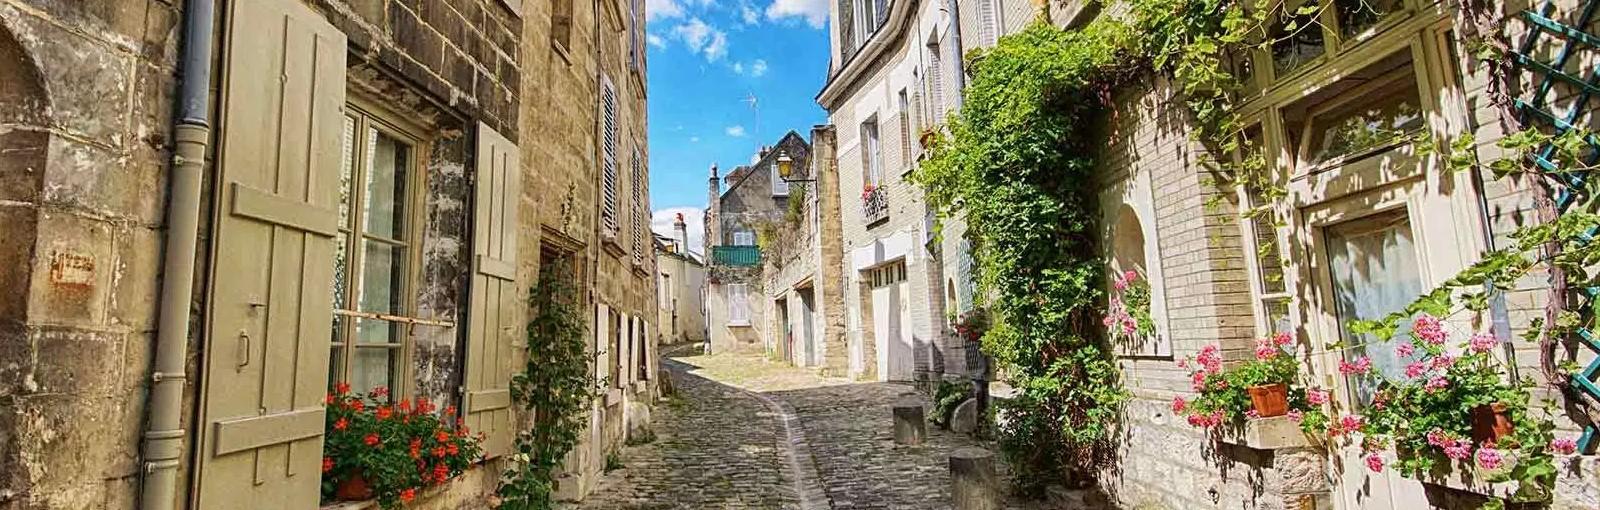 Tours Senlis - Demi-journées - Tours au départ de Paris